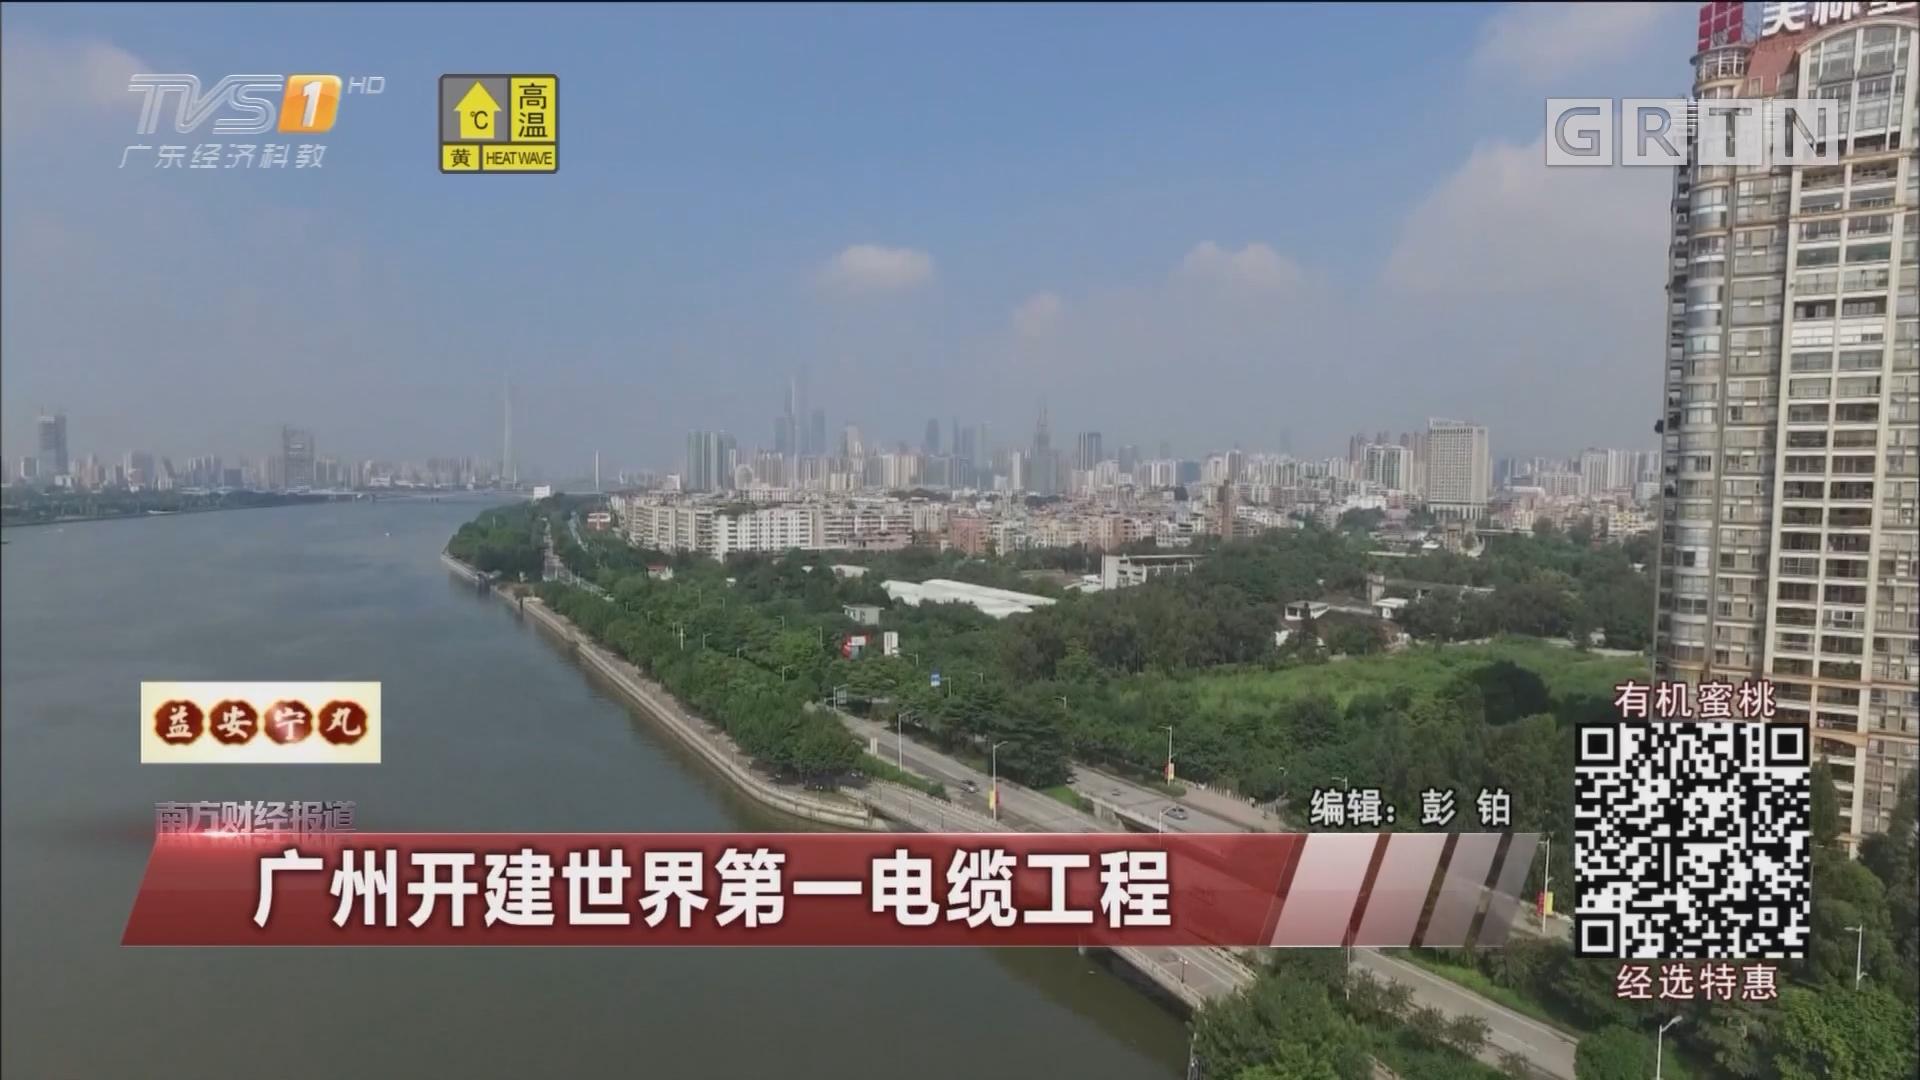 广州开建世界第一电缆工程